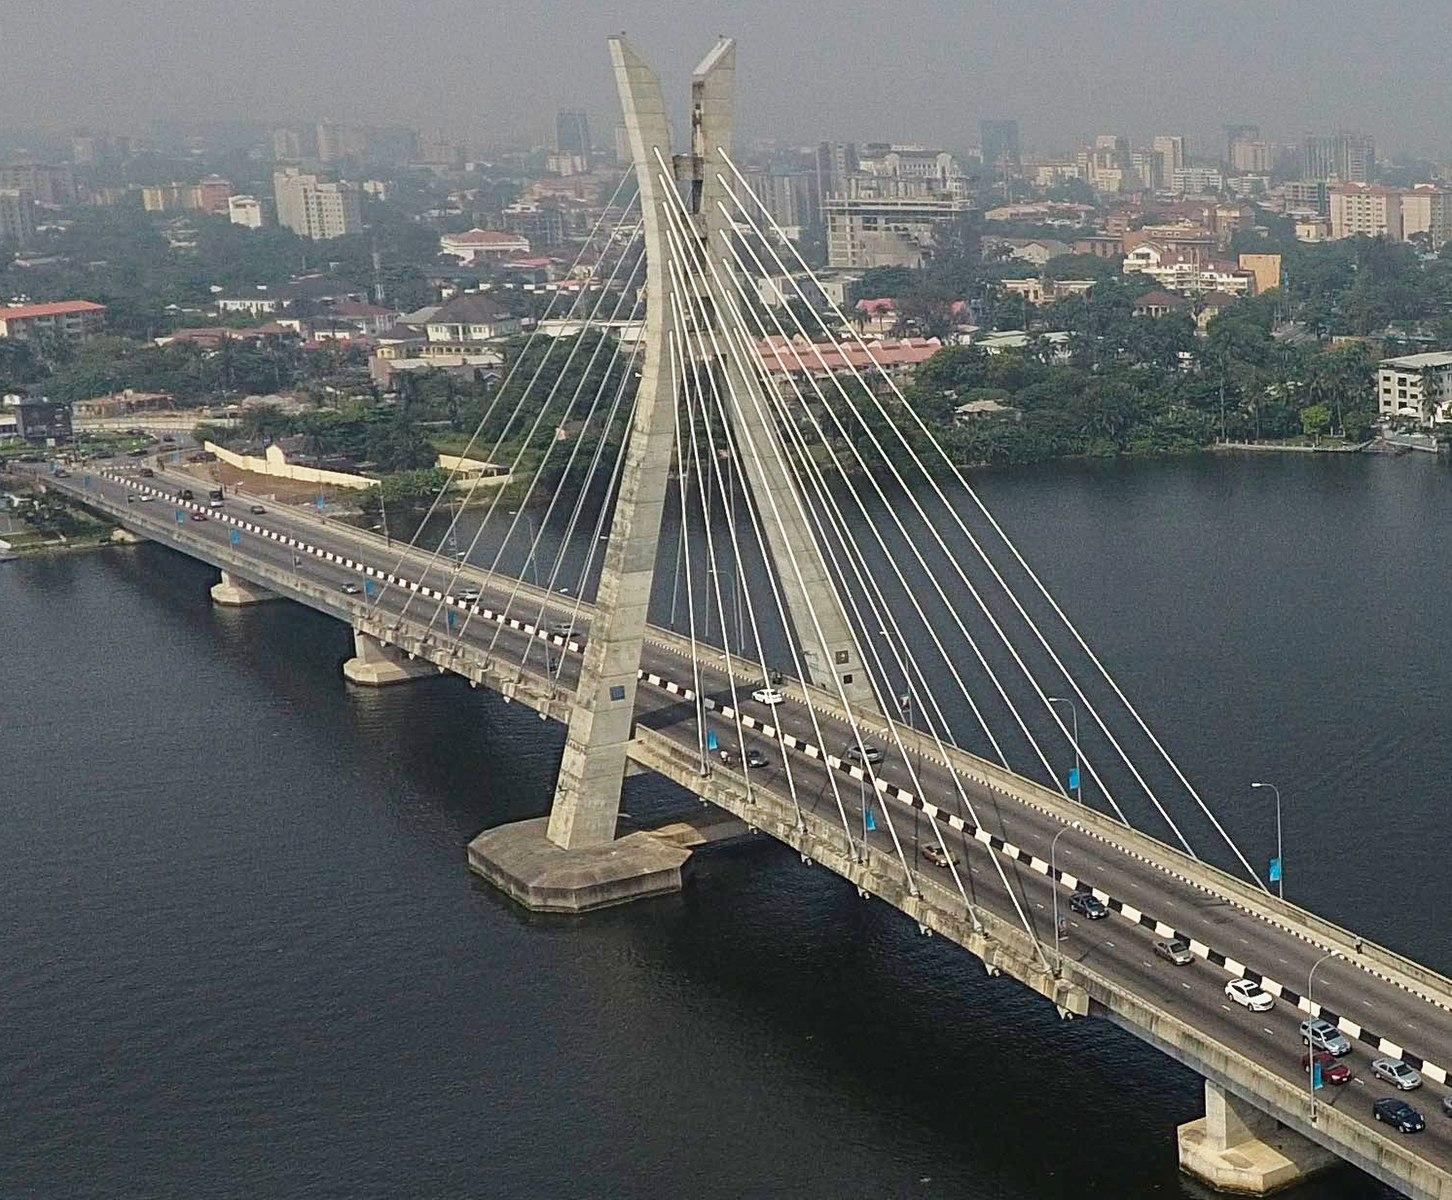 Lekki-Ikoyi Bridge, Lagos